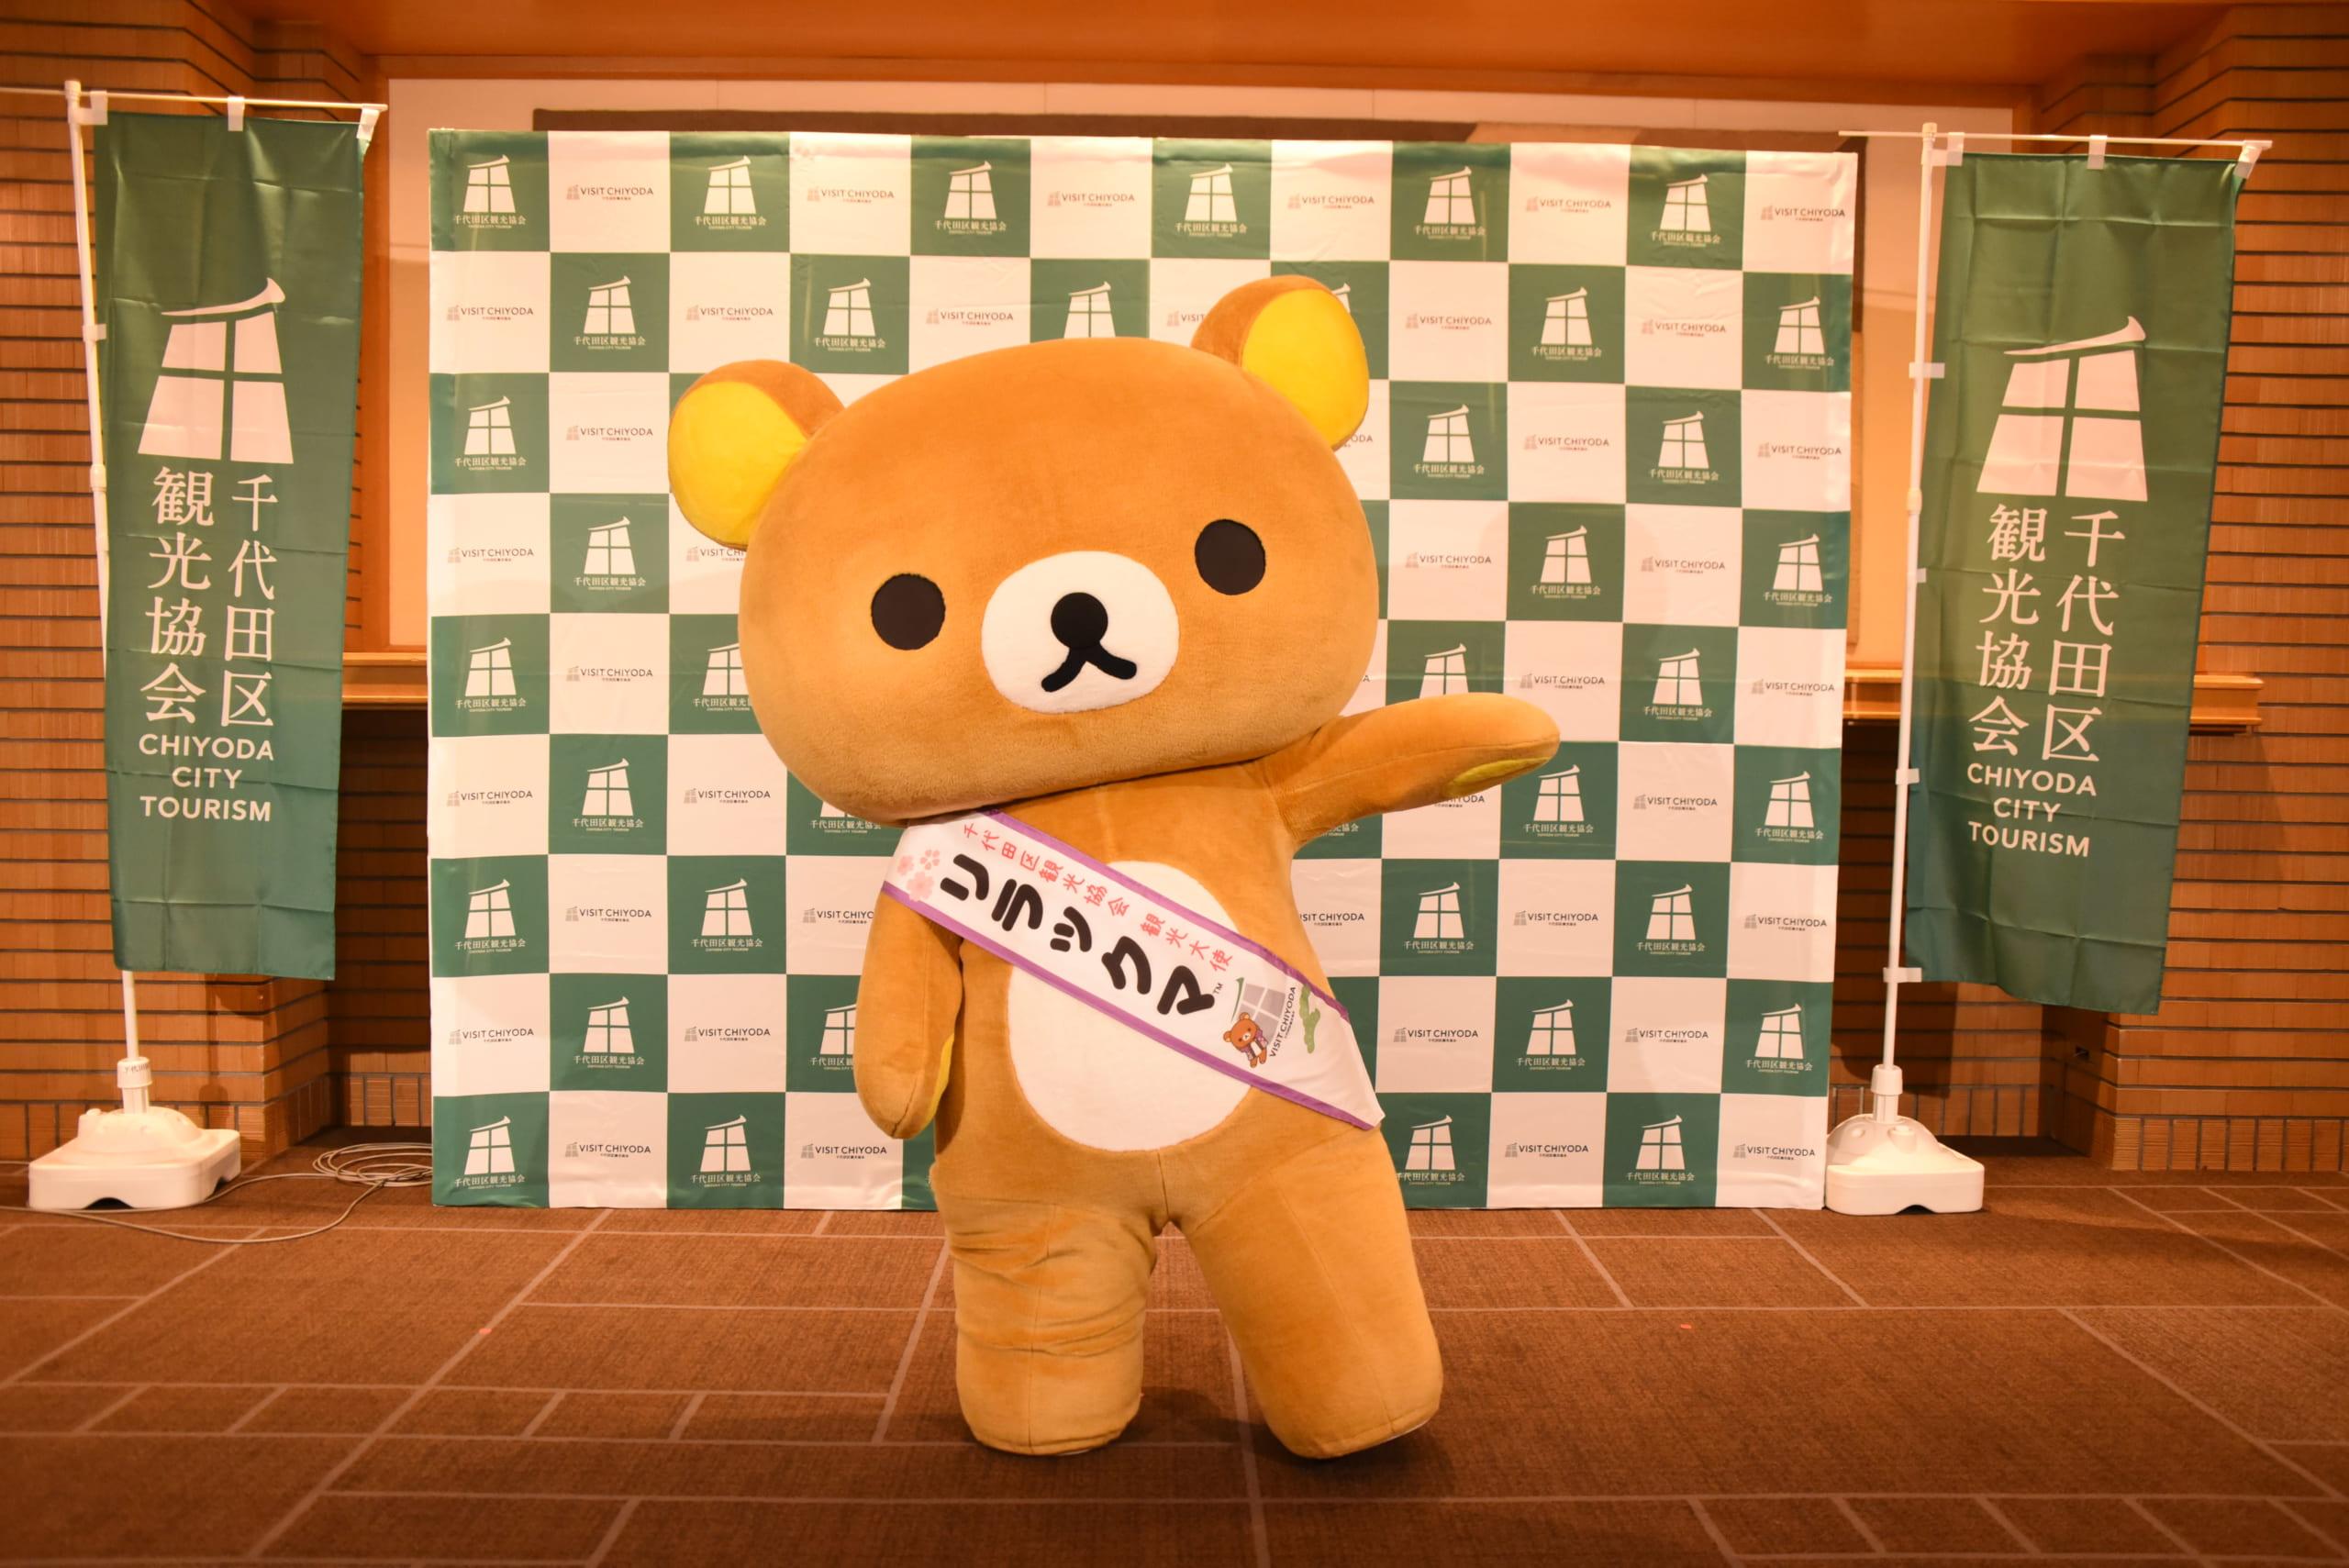 リラックマが千代田区の観光大使に就任!ゆる〜くお仕事する新規絵使用のグッズ販売